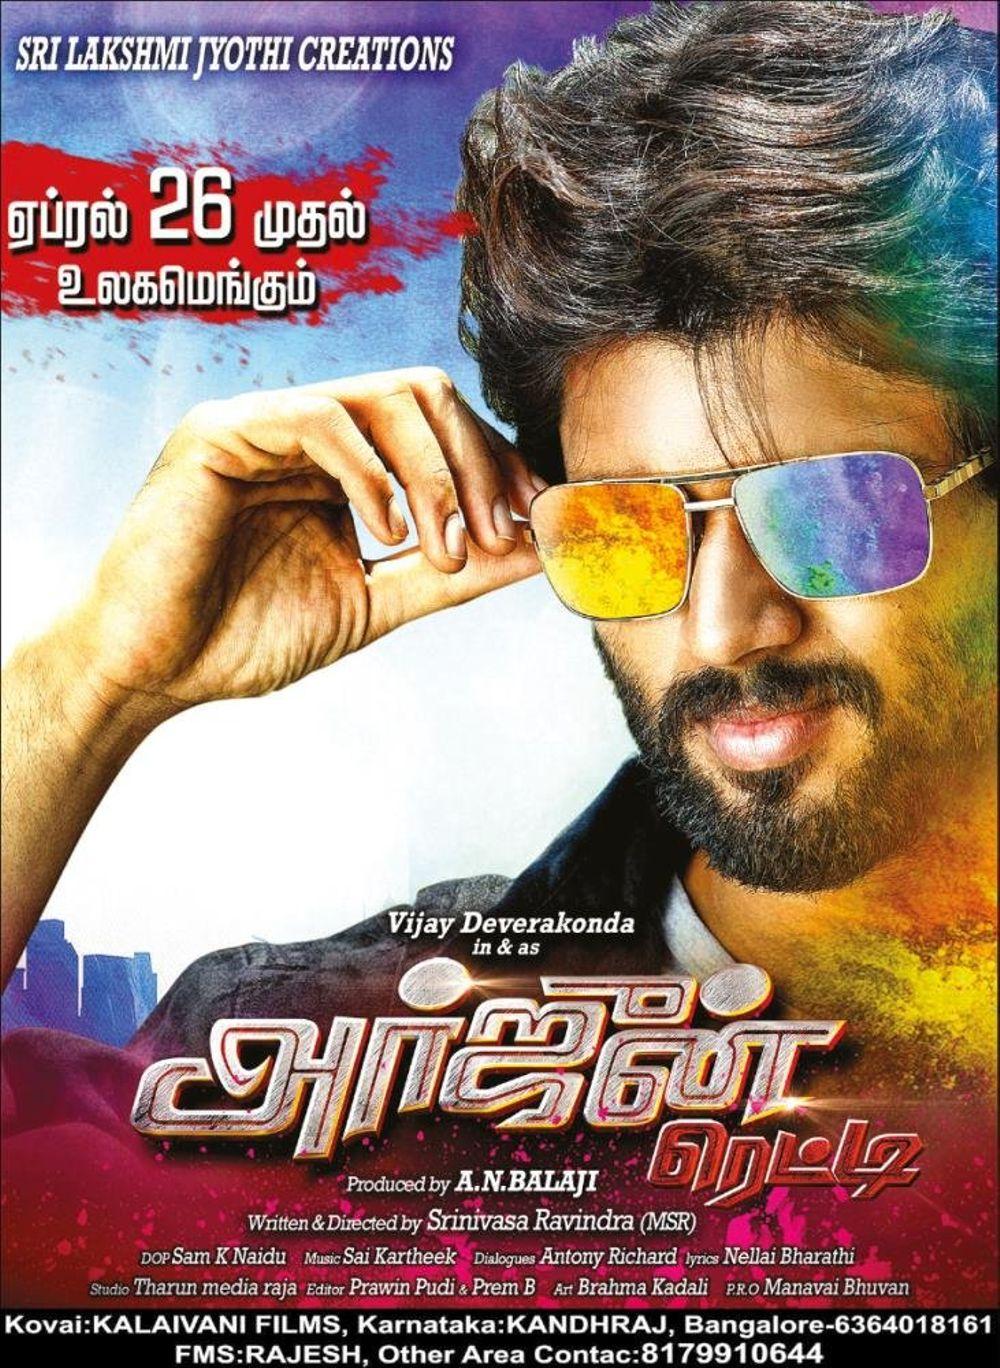 Arjun Reddy Tamil Movie Review Tamil Movie Review